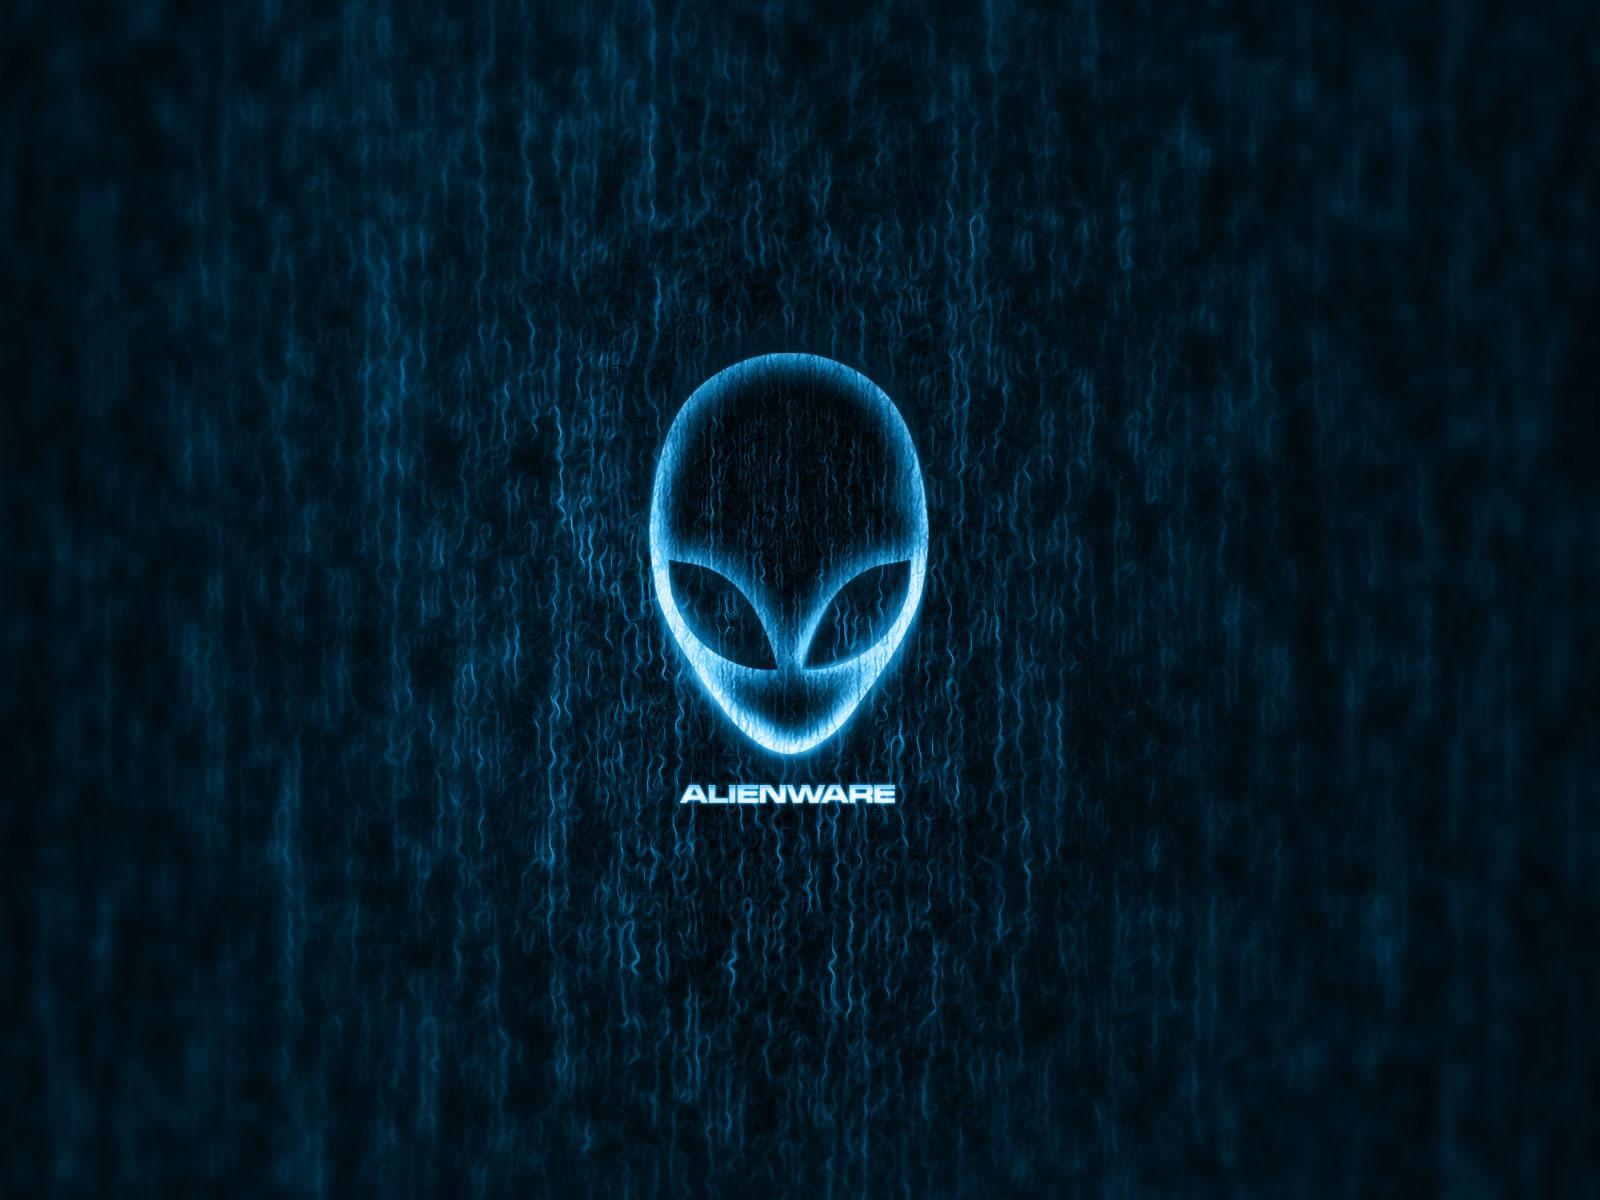 http://1.bp.blogspot.com/-vUfBzauAQfs/UGxxfoIcslI/AAAAAAAADDM/9Nr6oHwVTq0/s1600/Alienware_Wallpaper_Blue_Lights.jpg